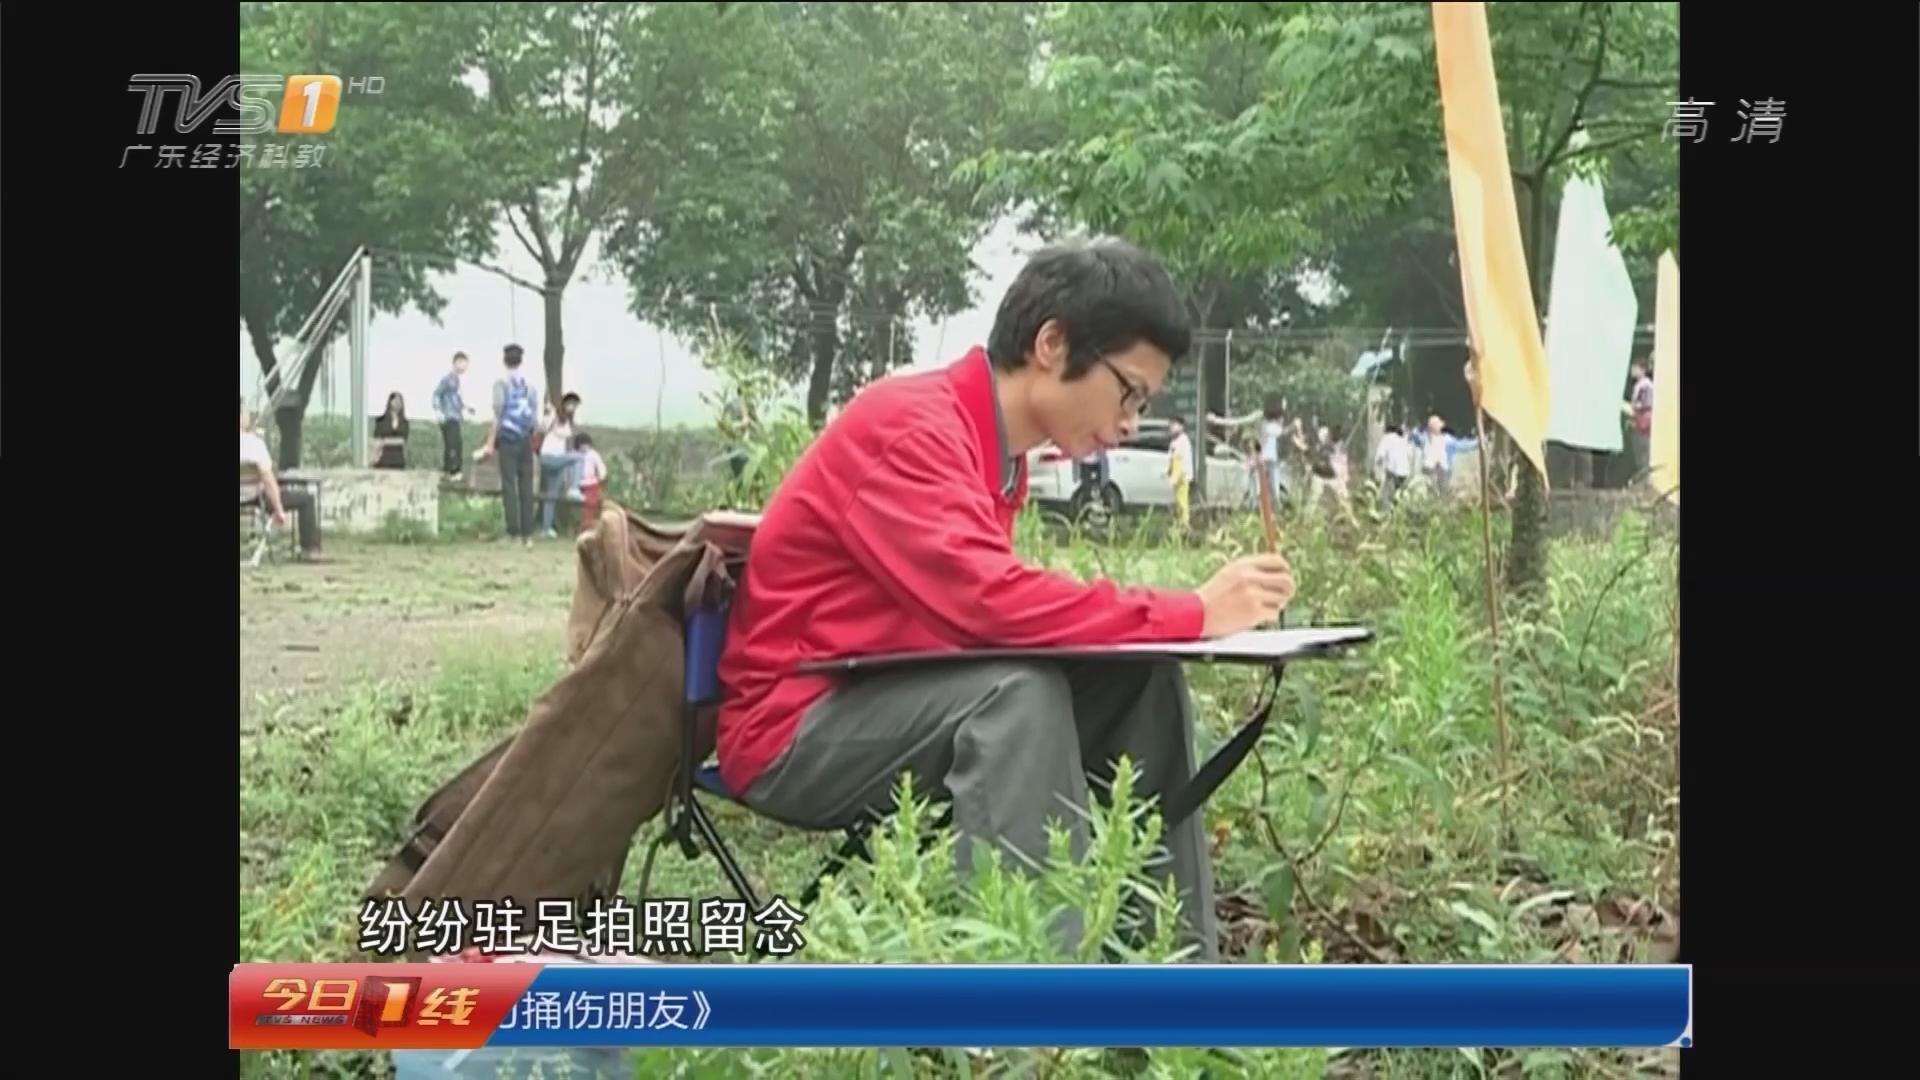 五一游园 肇庆:花团锦簇吸引游客写生